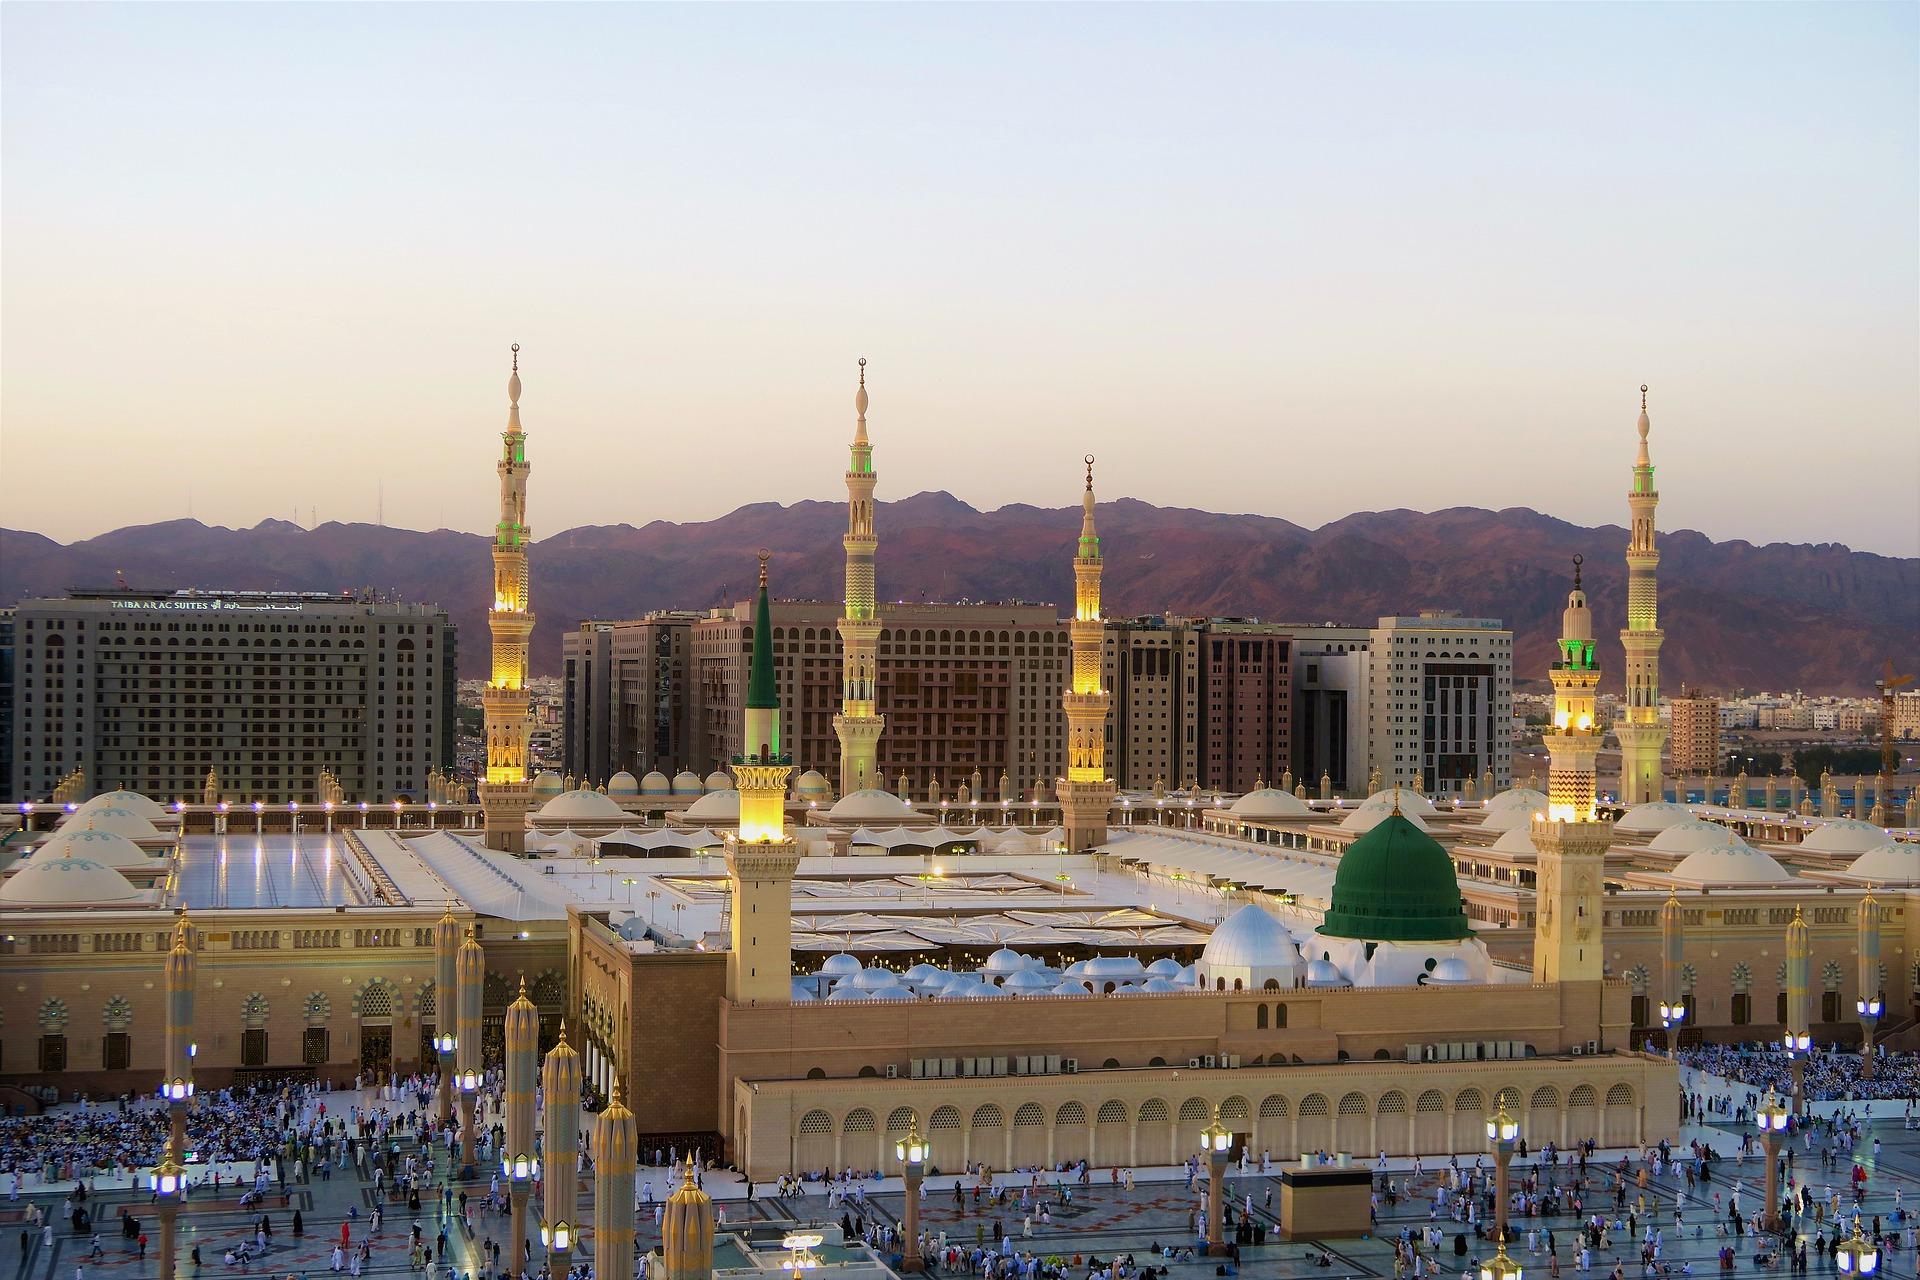 Die Propheten Moschee in Medina gehört zu den Highlights von Saudi-Arabien